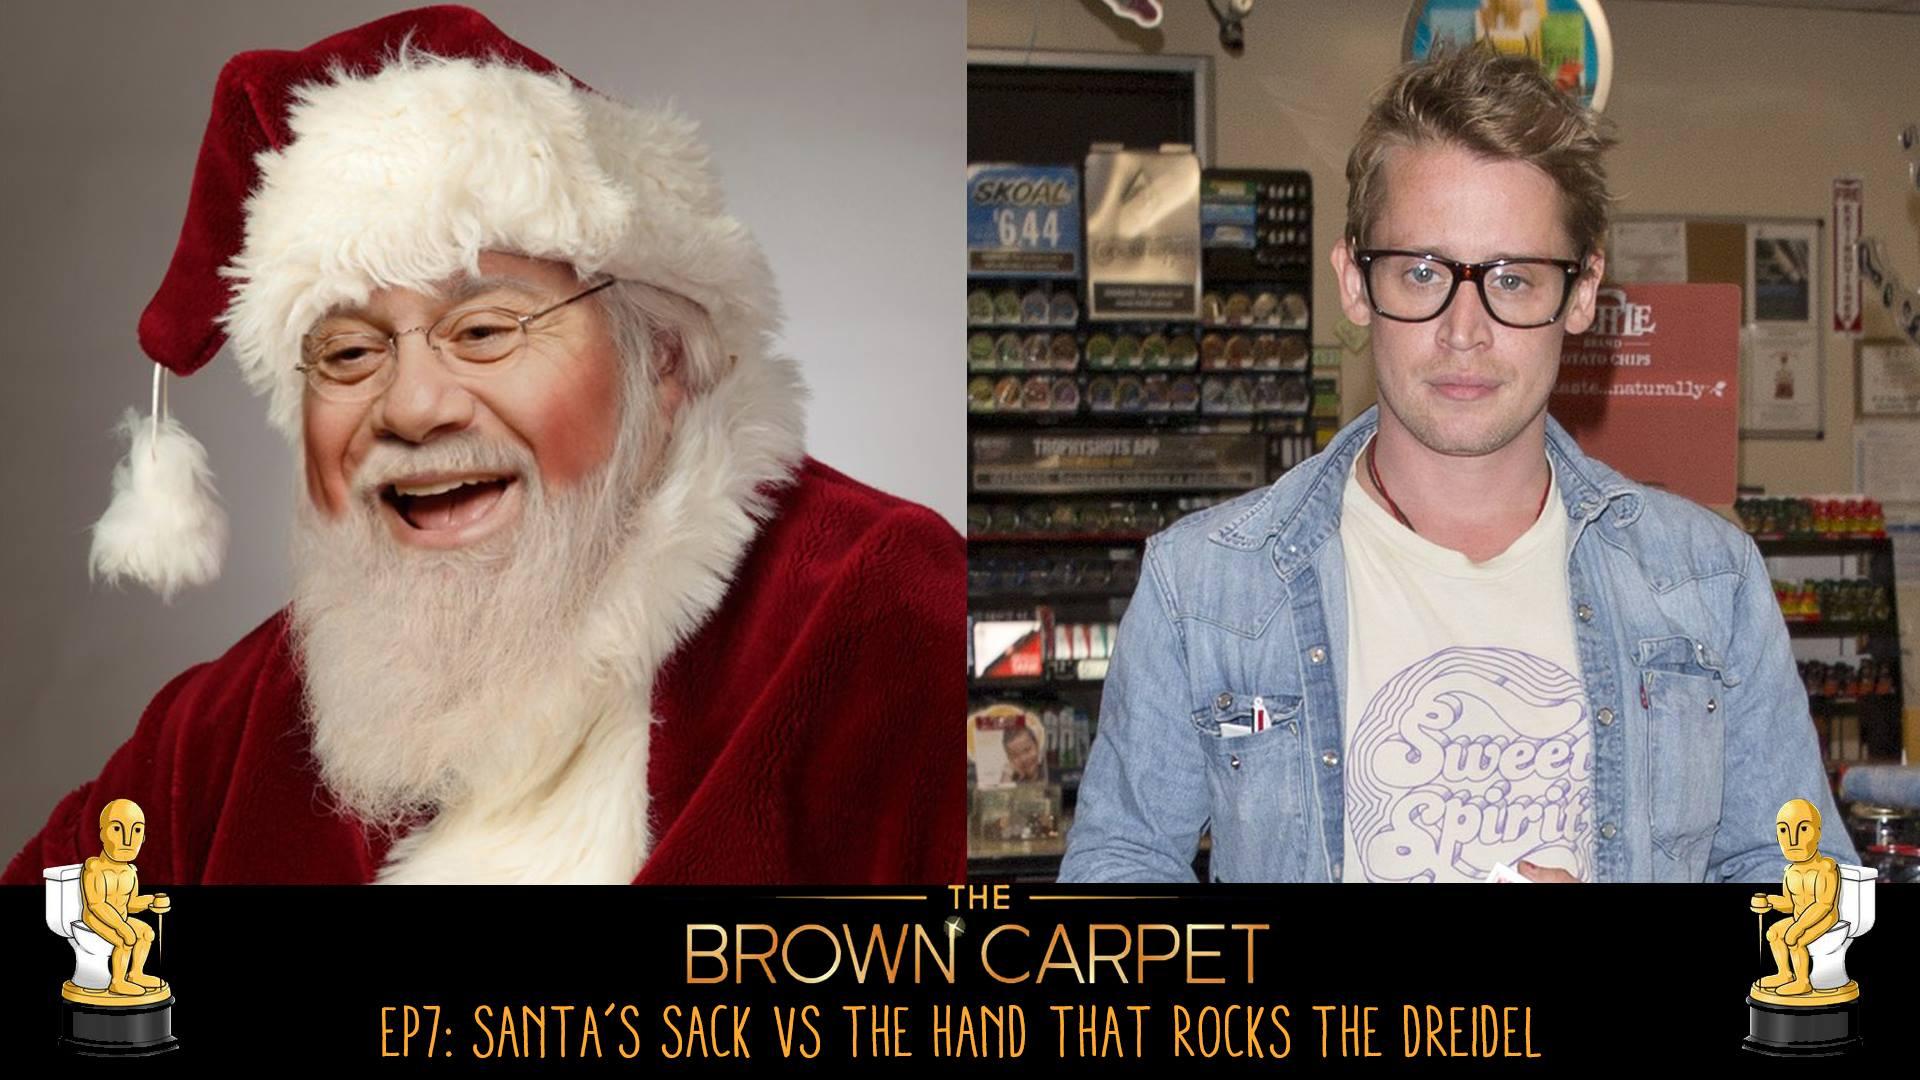 26/12/17 - EP07 - Santa's Sack vs The Hand That Rocks The Dreidel